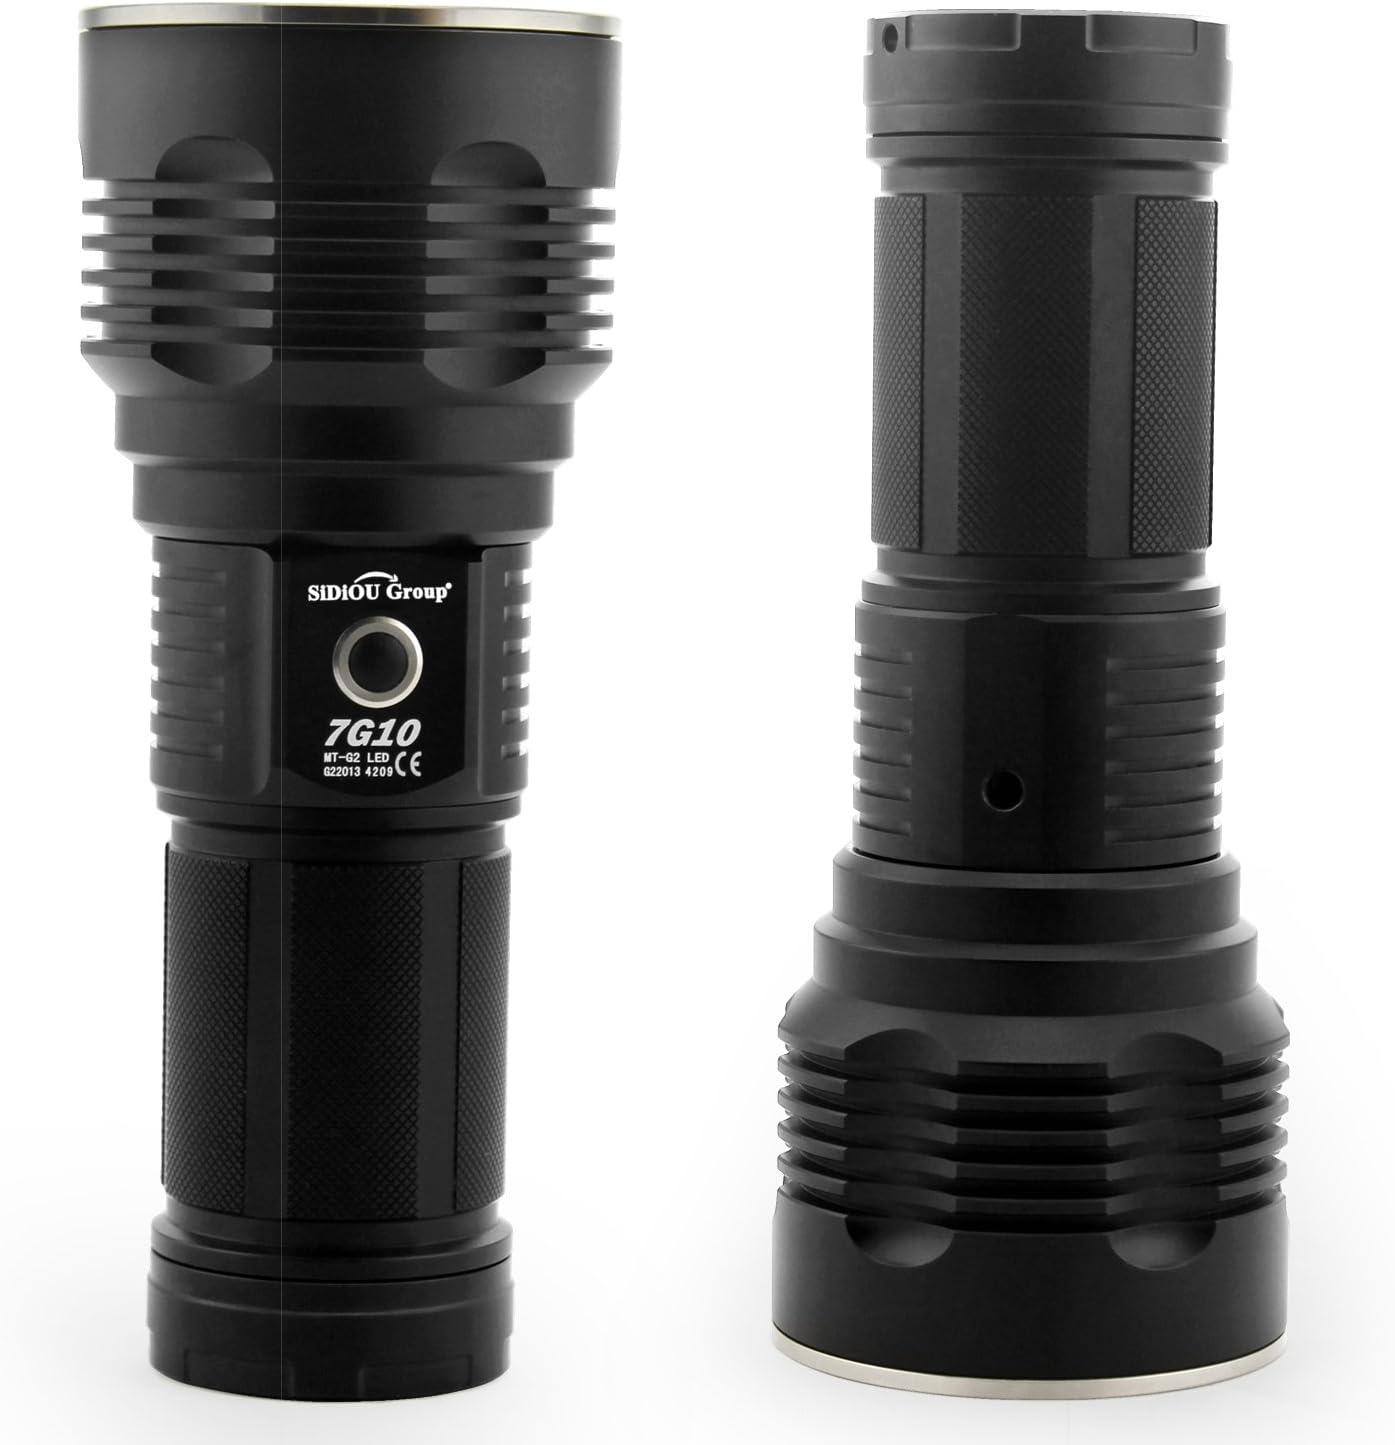 Sidiou Group XPG R5 LED 300LM lampe de poche MINI lampe de poche USB lampe rechargeable /& portable de poche mini lampe de poche de porte-cl/és